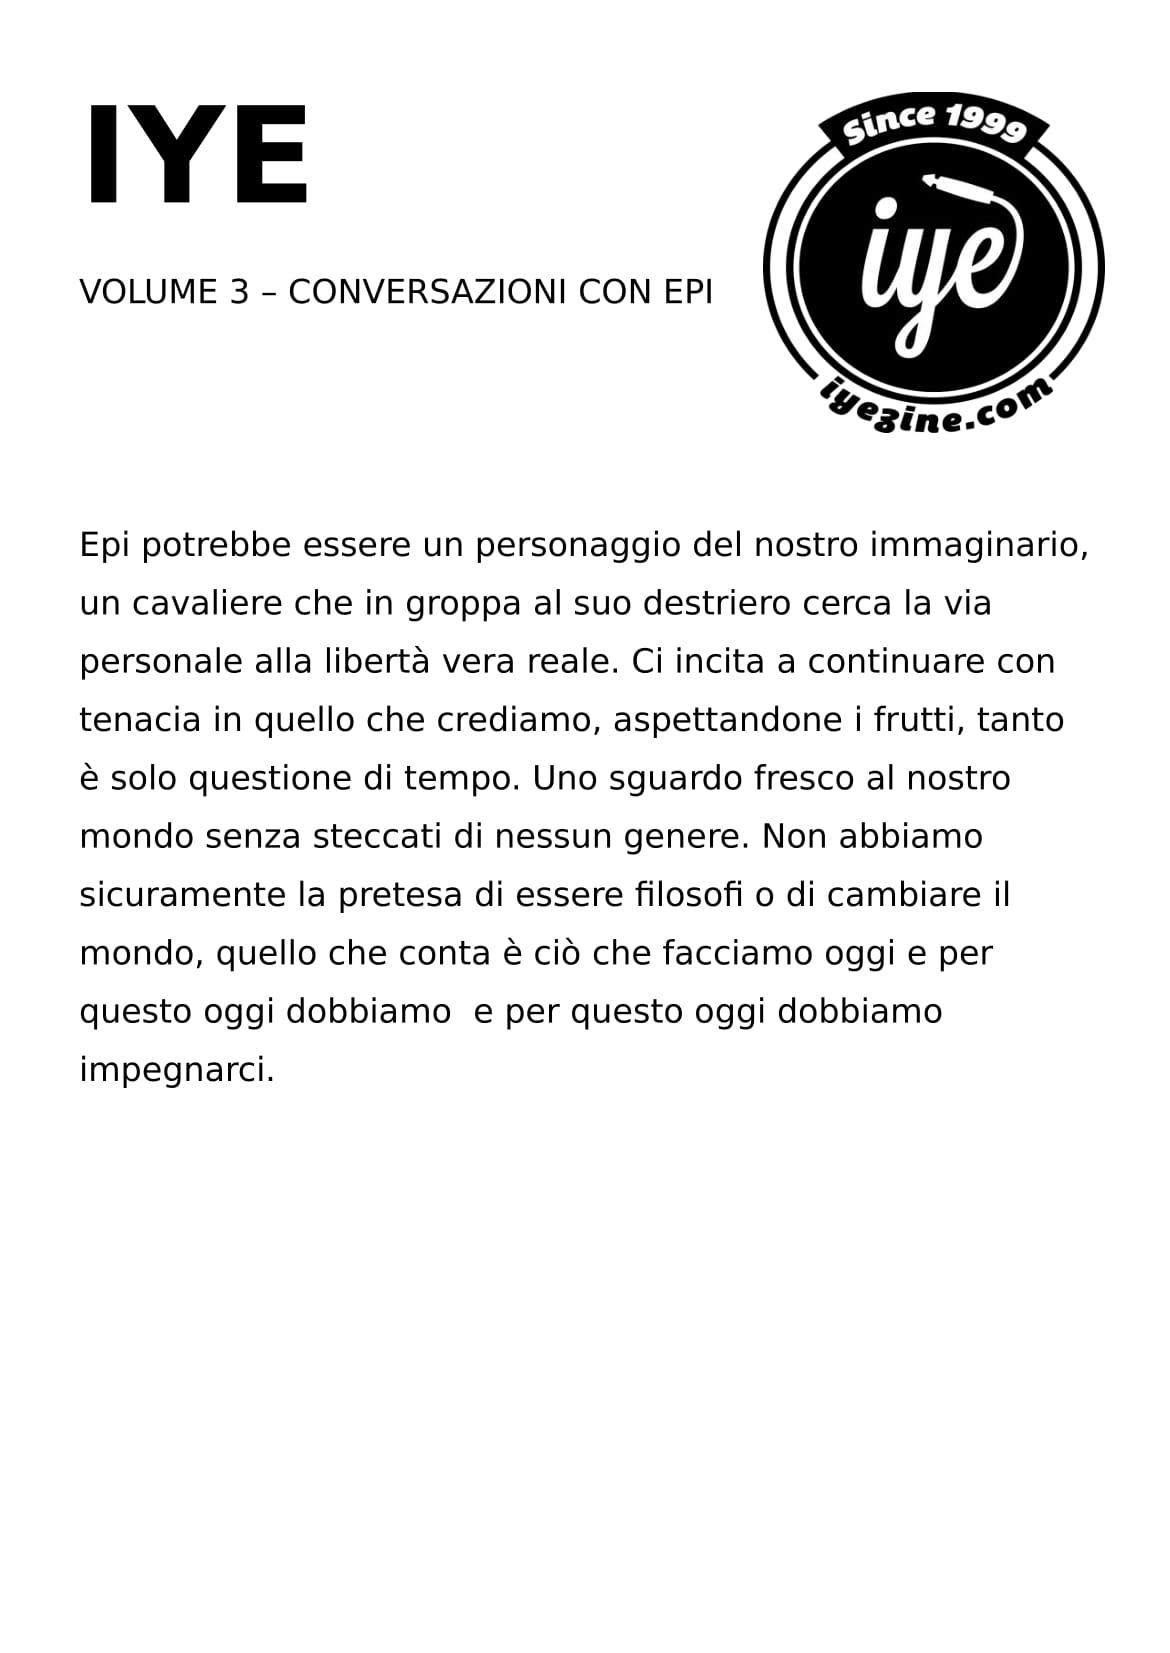 IYE - VOLUME 3 - Epi 1 Iyezine.com